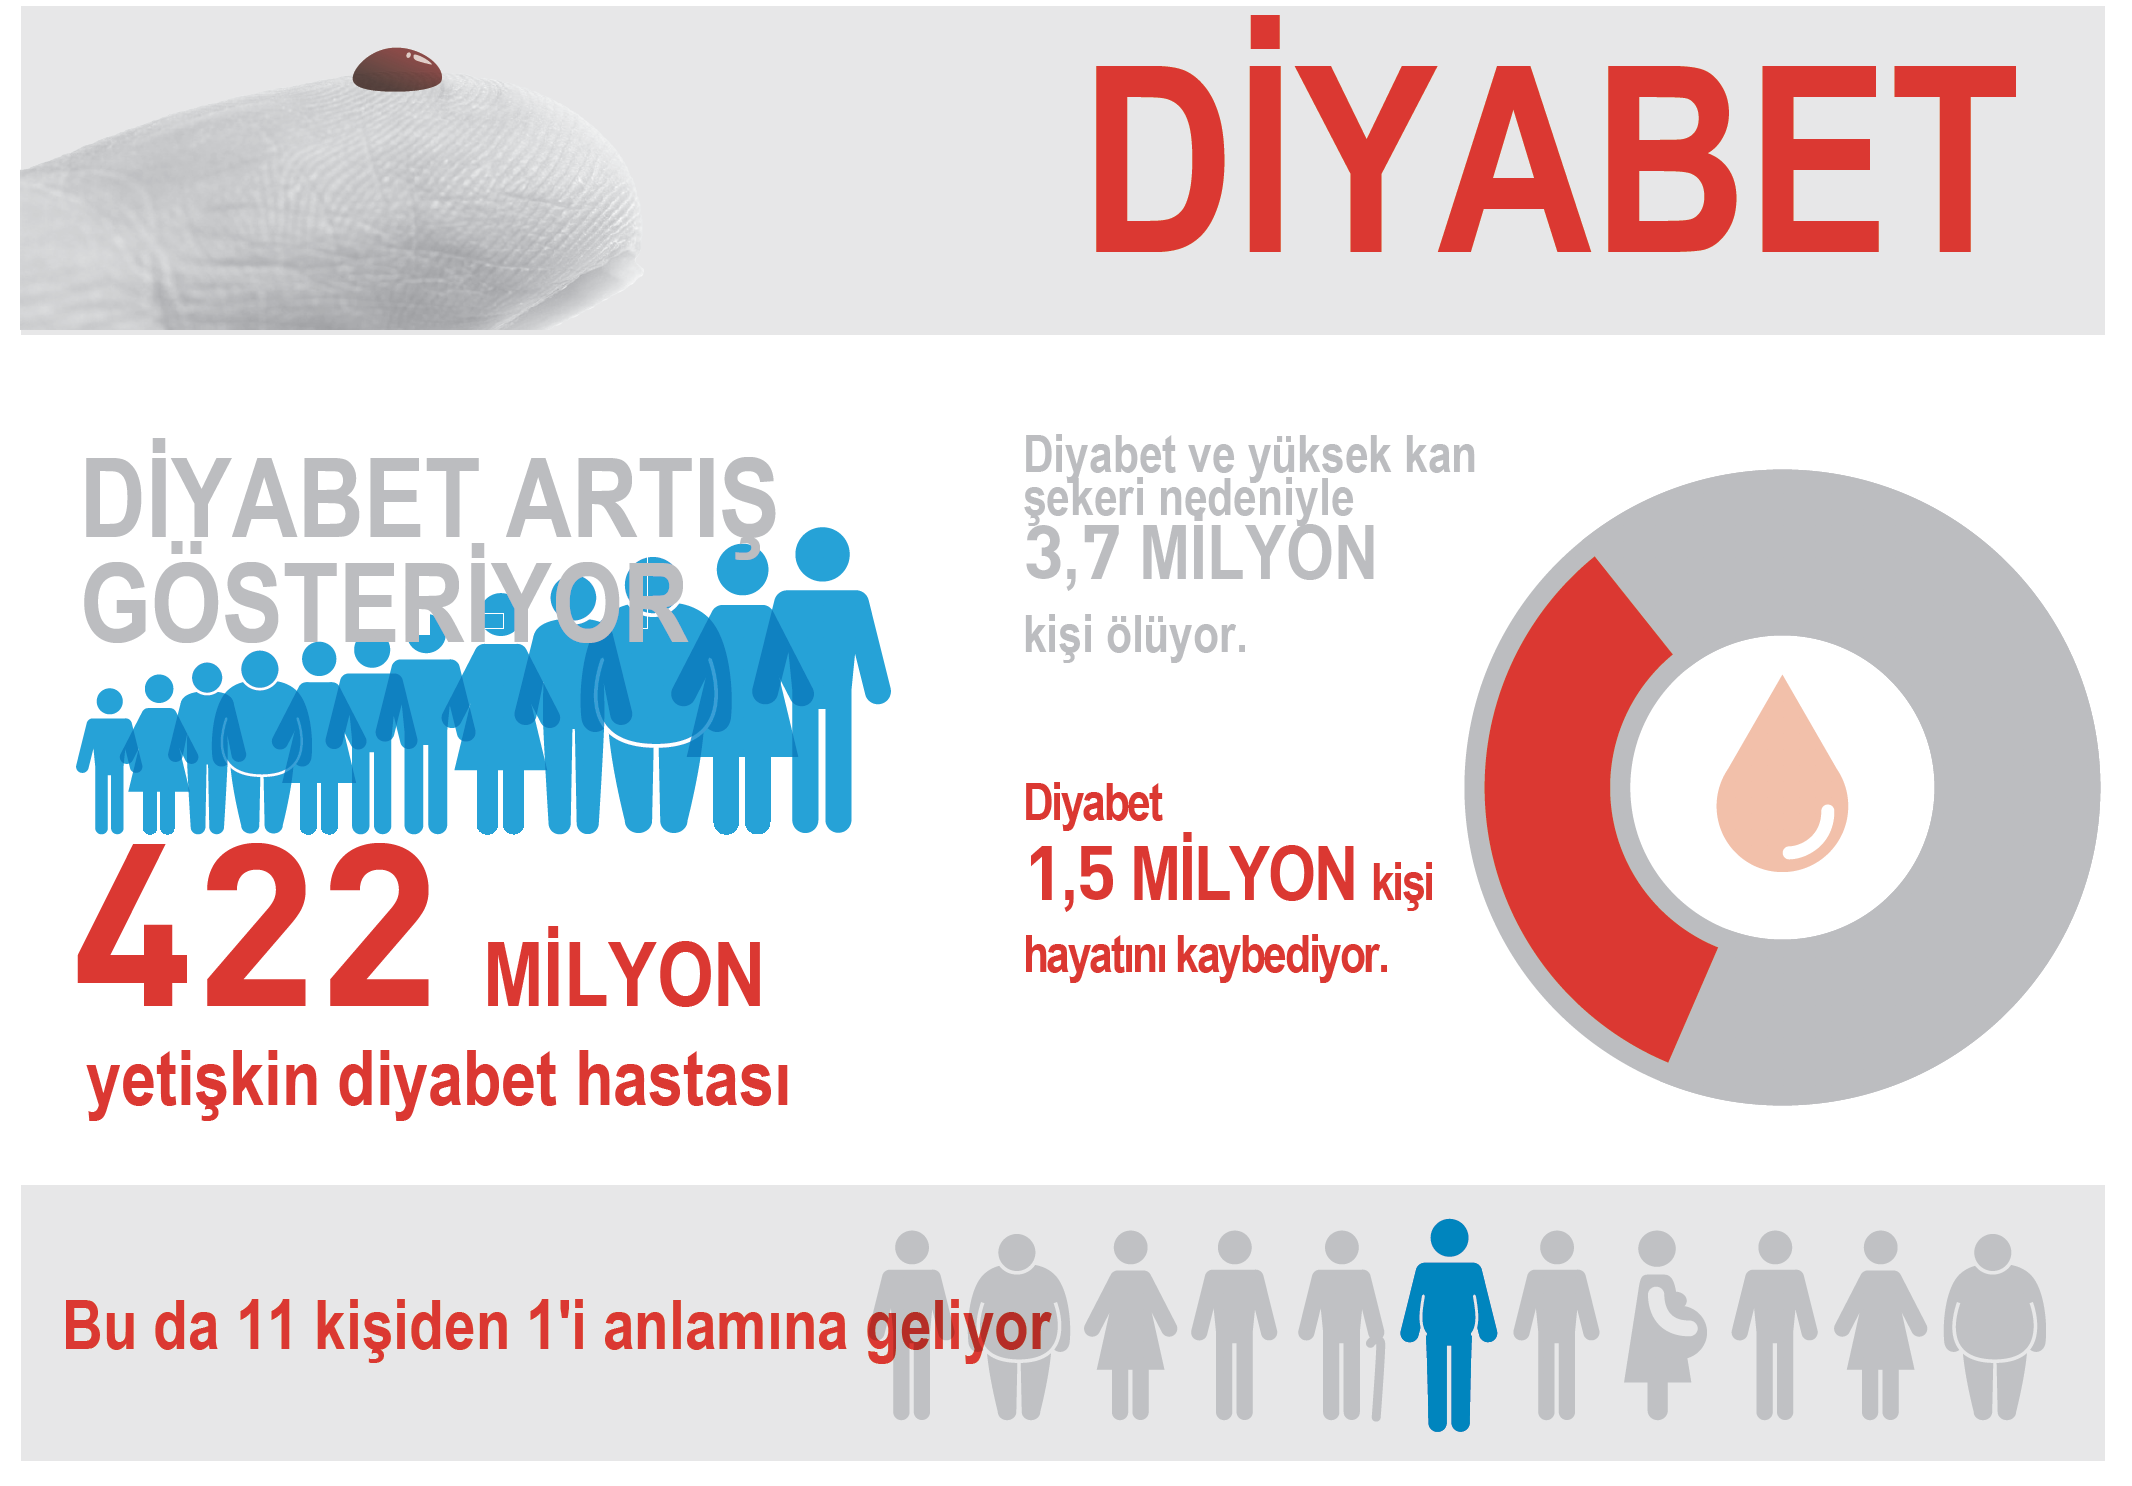 Guterres: Diyabeti bir halk sağlığı sorunu olmaktan çıkarmak için birlikte çalışalım